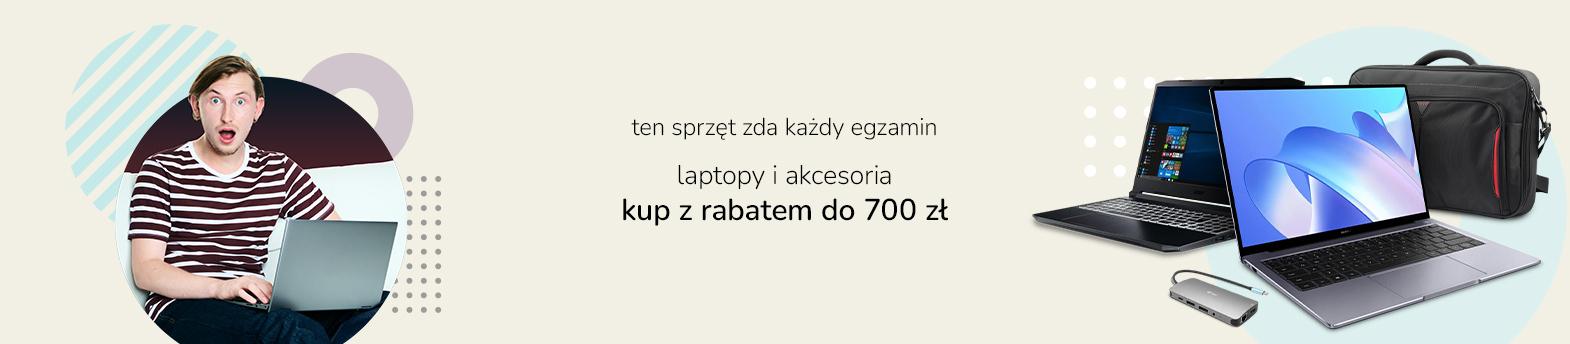 laptopy ze zniżką do 700 zł